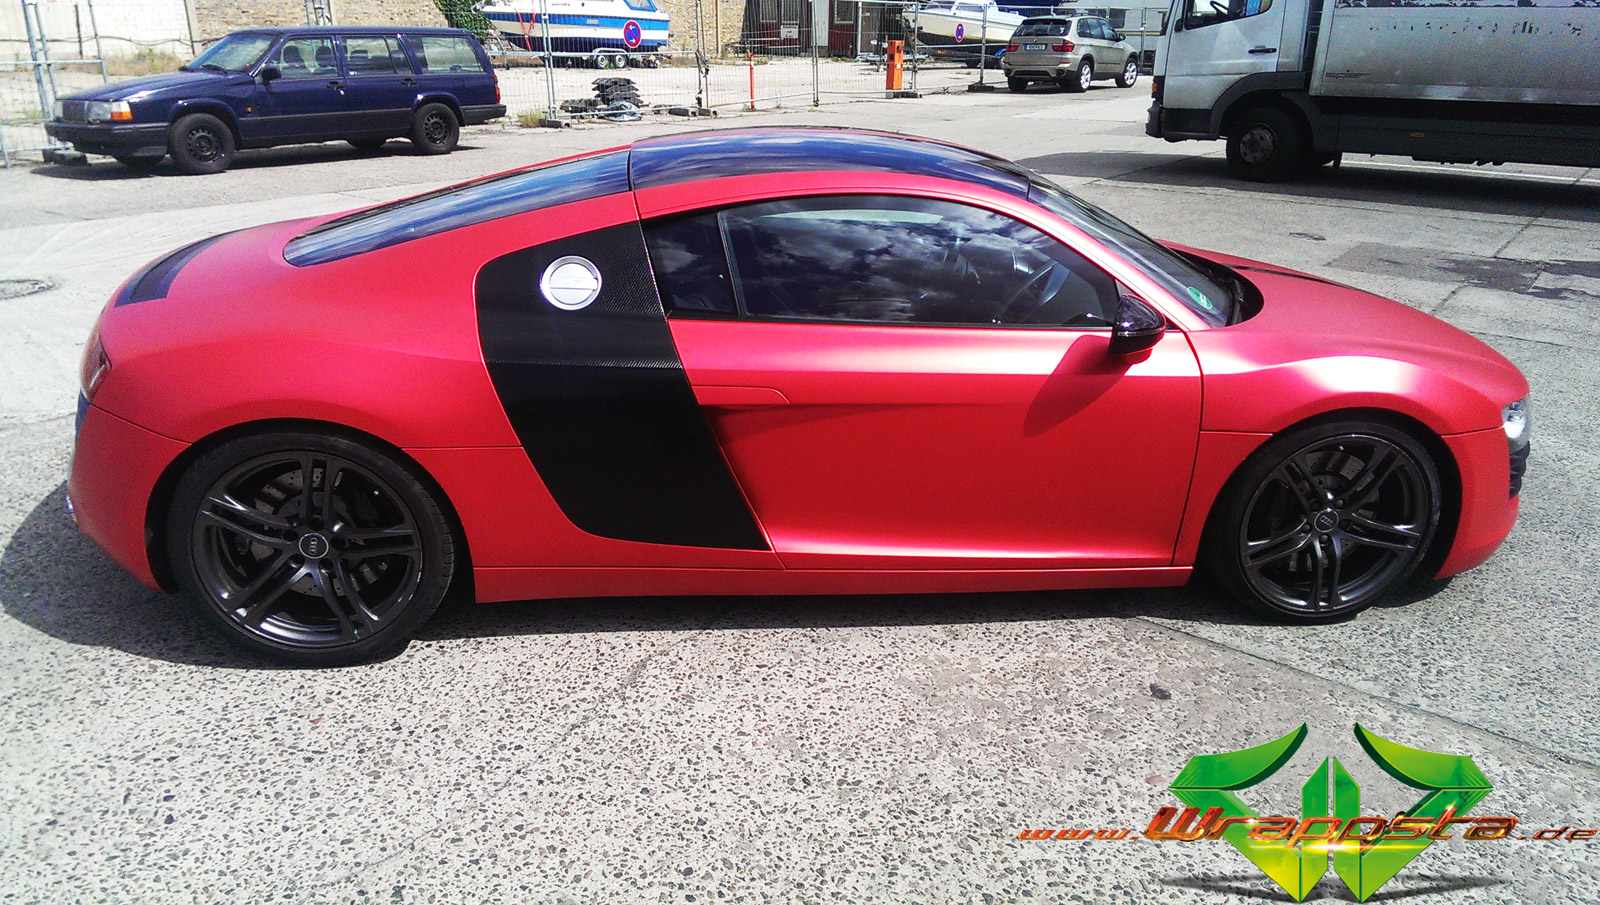 Audi R Matt Lackiert on cadillac cts matt, audi q5 matt, audi c7 matt, audi a5 matt, audi a7 matt, bmw x6 matt, audi rs6 matt, audi q4 matt,